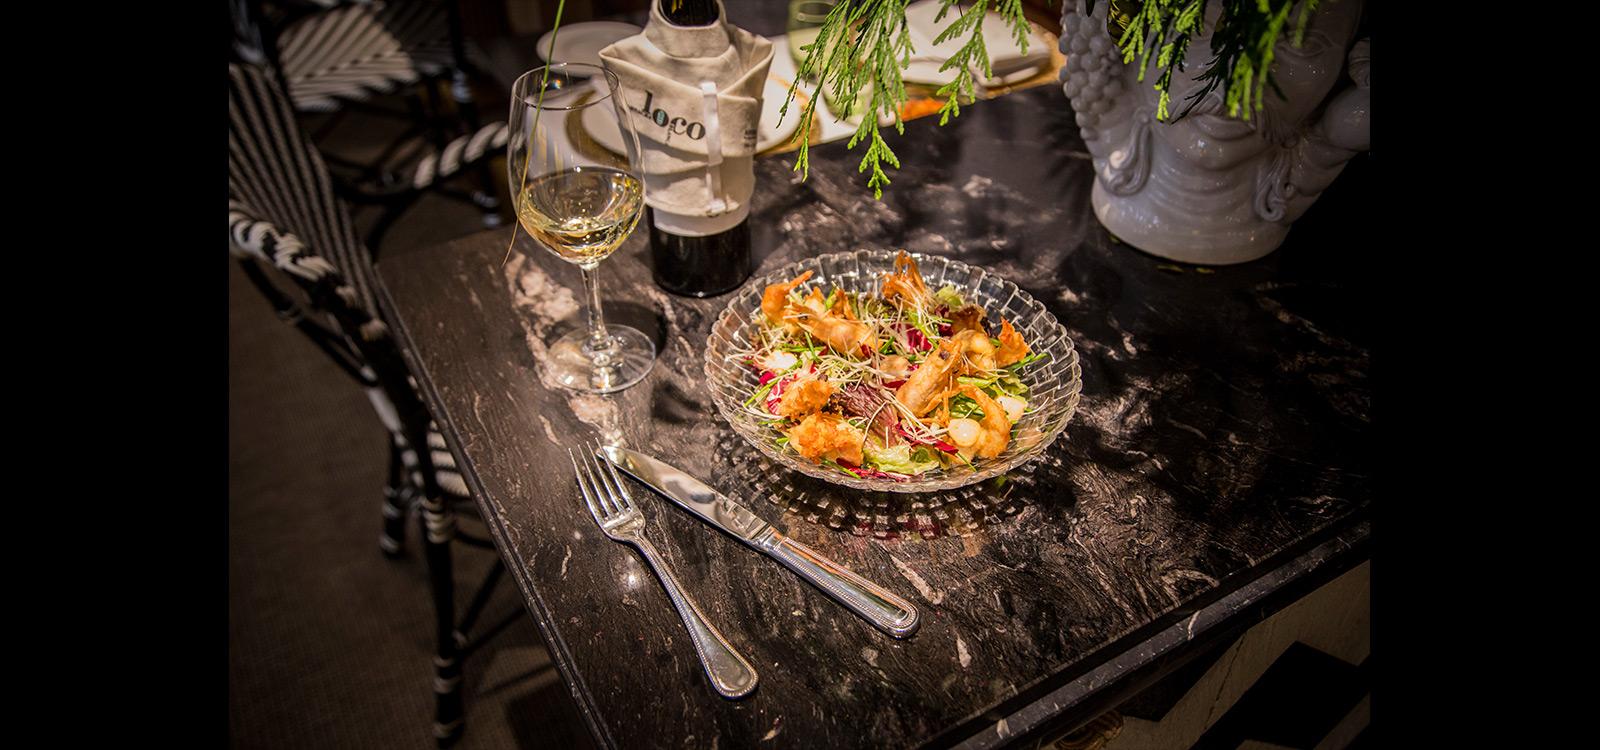 Restaurante Burgundy, Madrid, cocina vanguardista con los mejores vinos, fotografía gastronómica